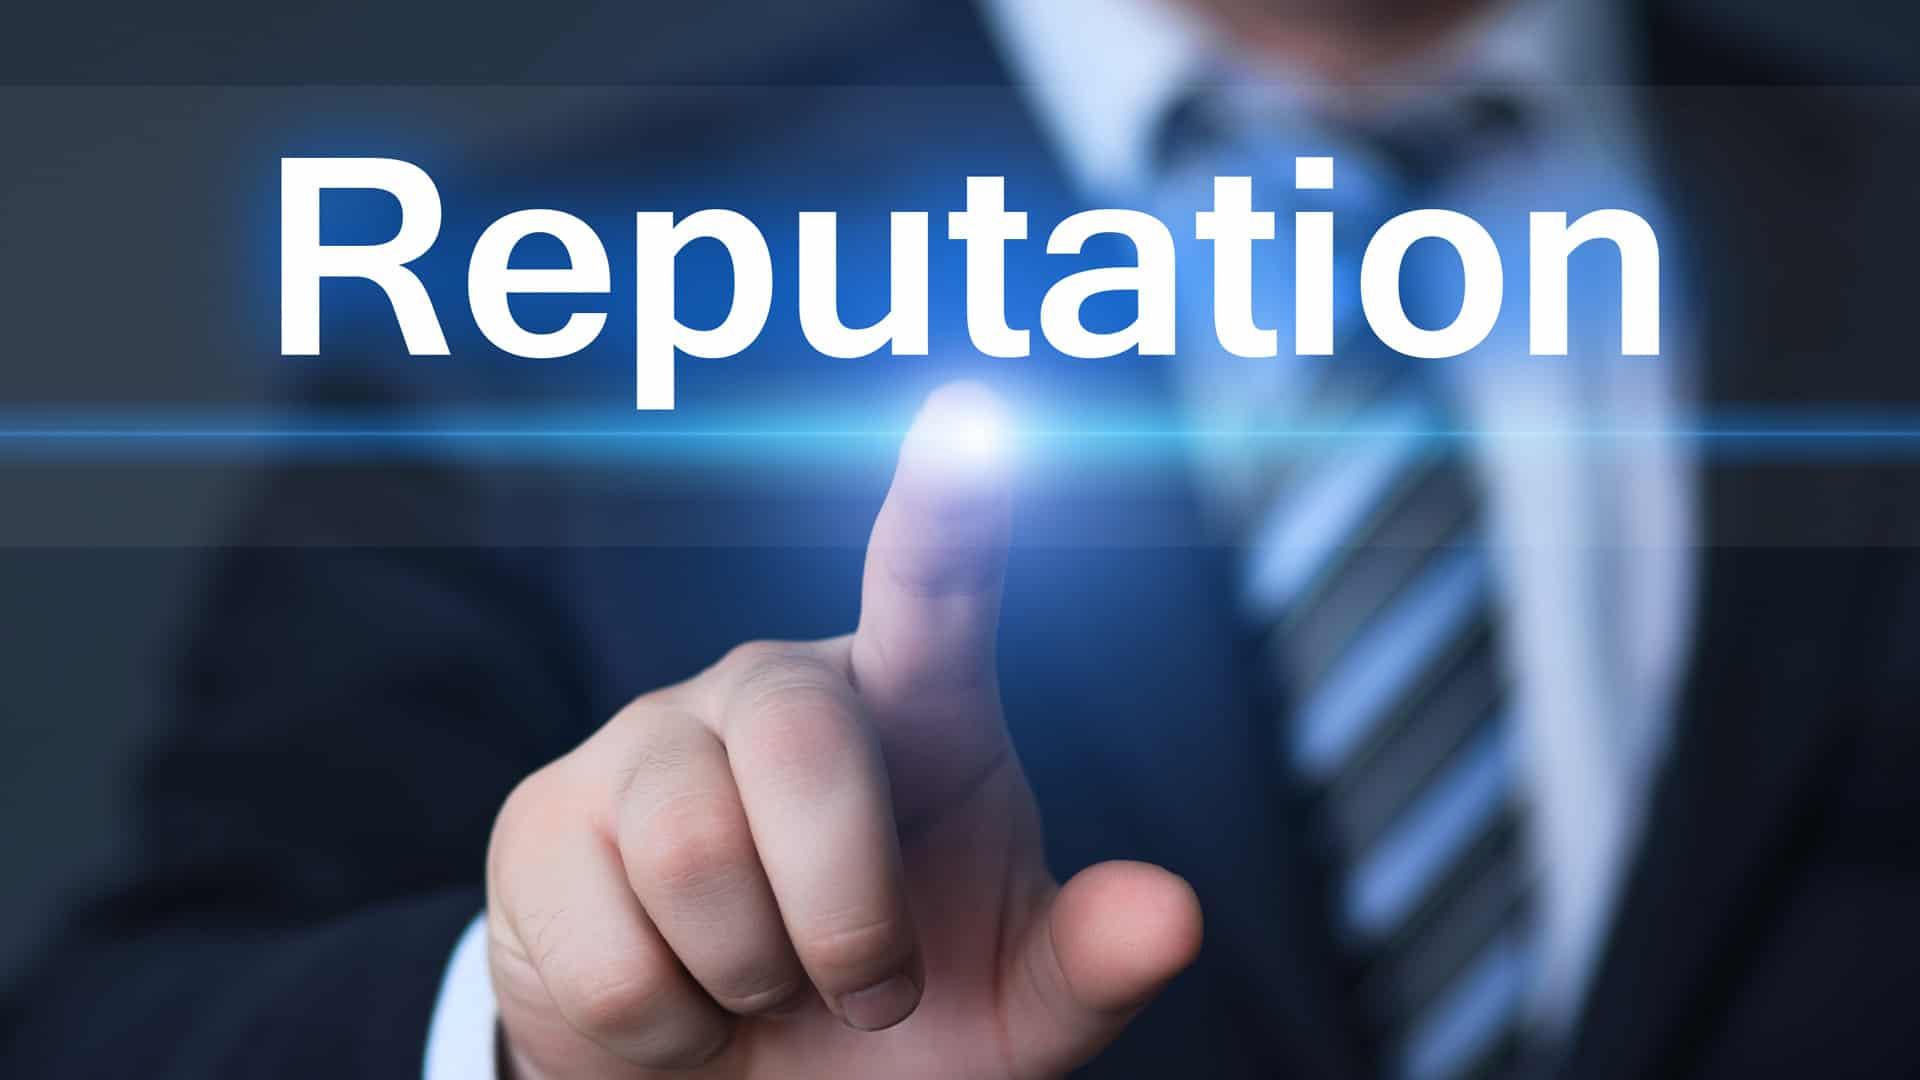 ss reputation Social Media ss reputation